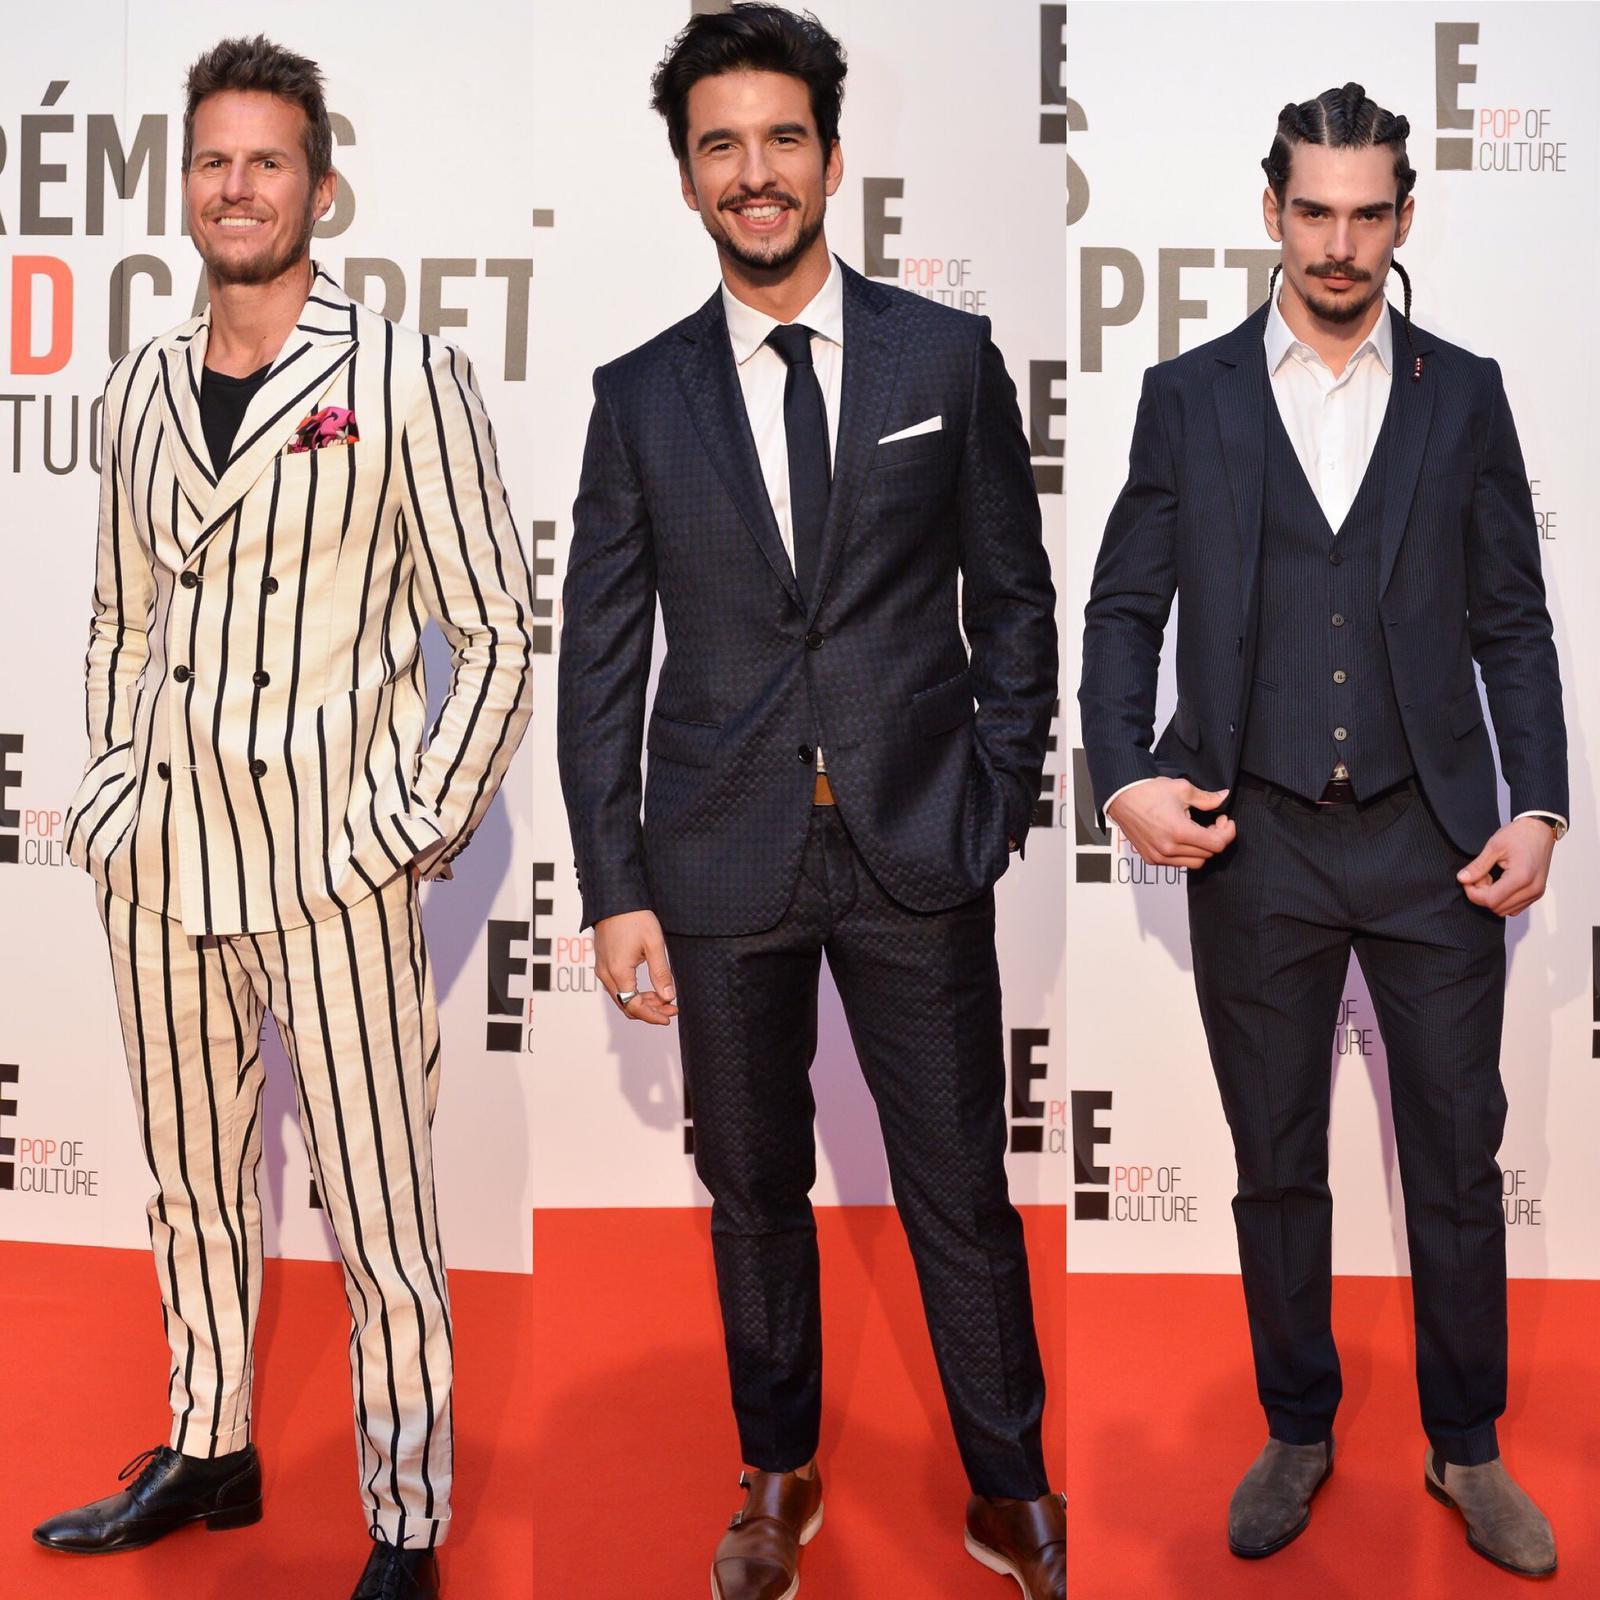 Os looks dos prémios E! Red Carpet 2018